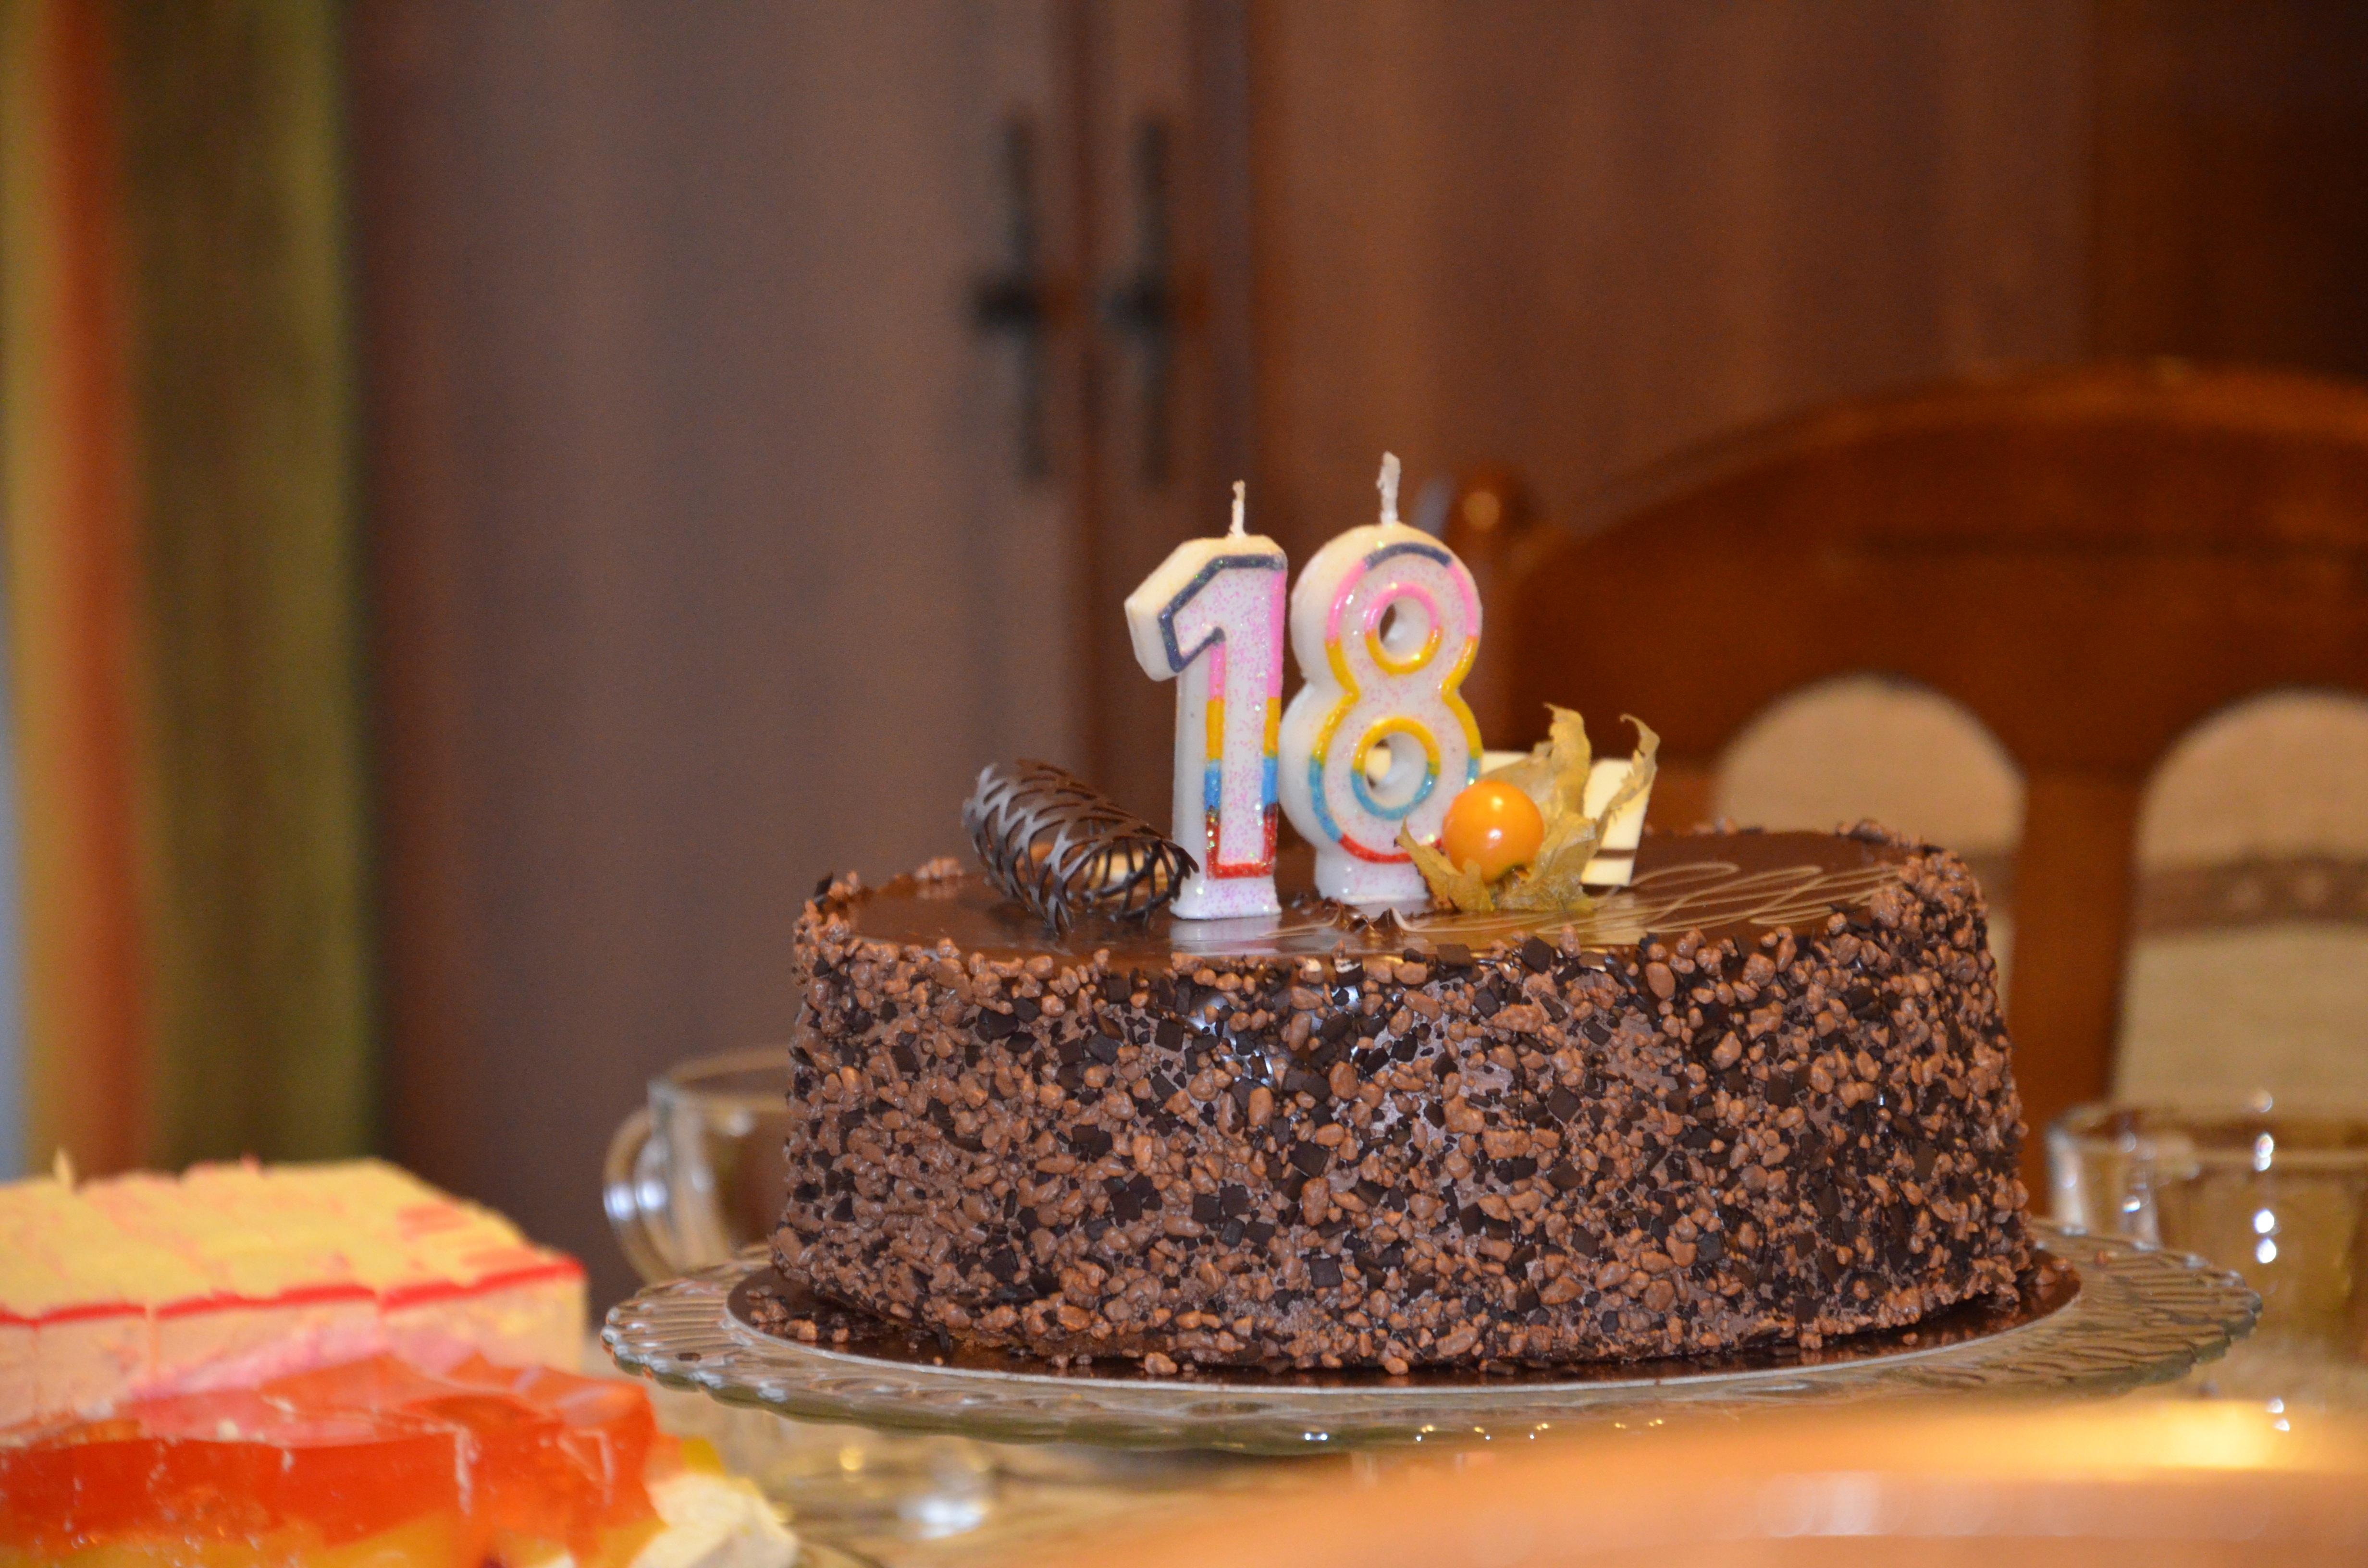 comida postre cocina pastel pastel de cumpleaos pastel de chocolate formacin de hielo cumpleaos dulzura productos